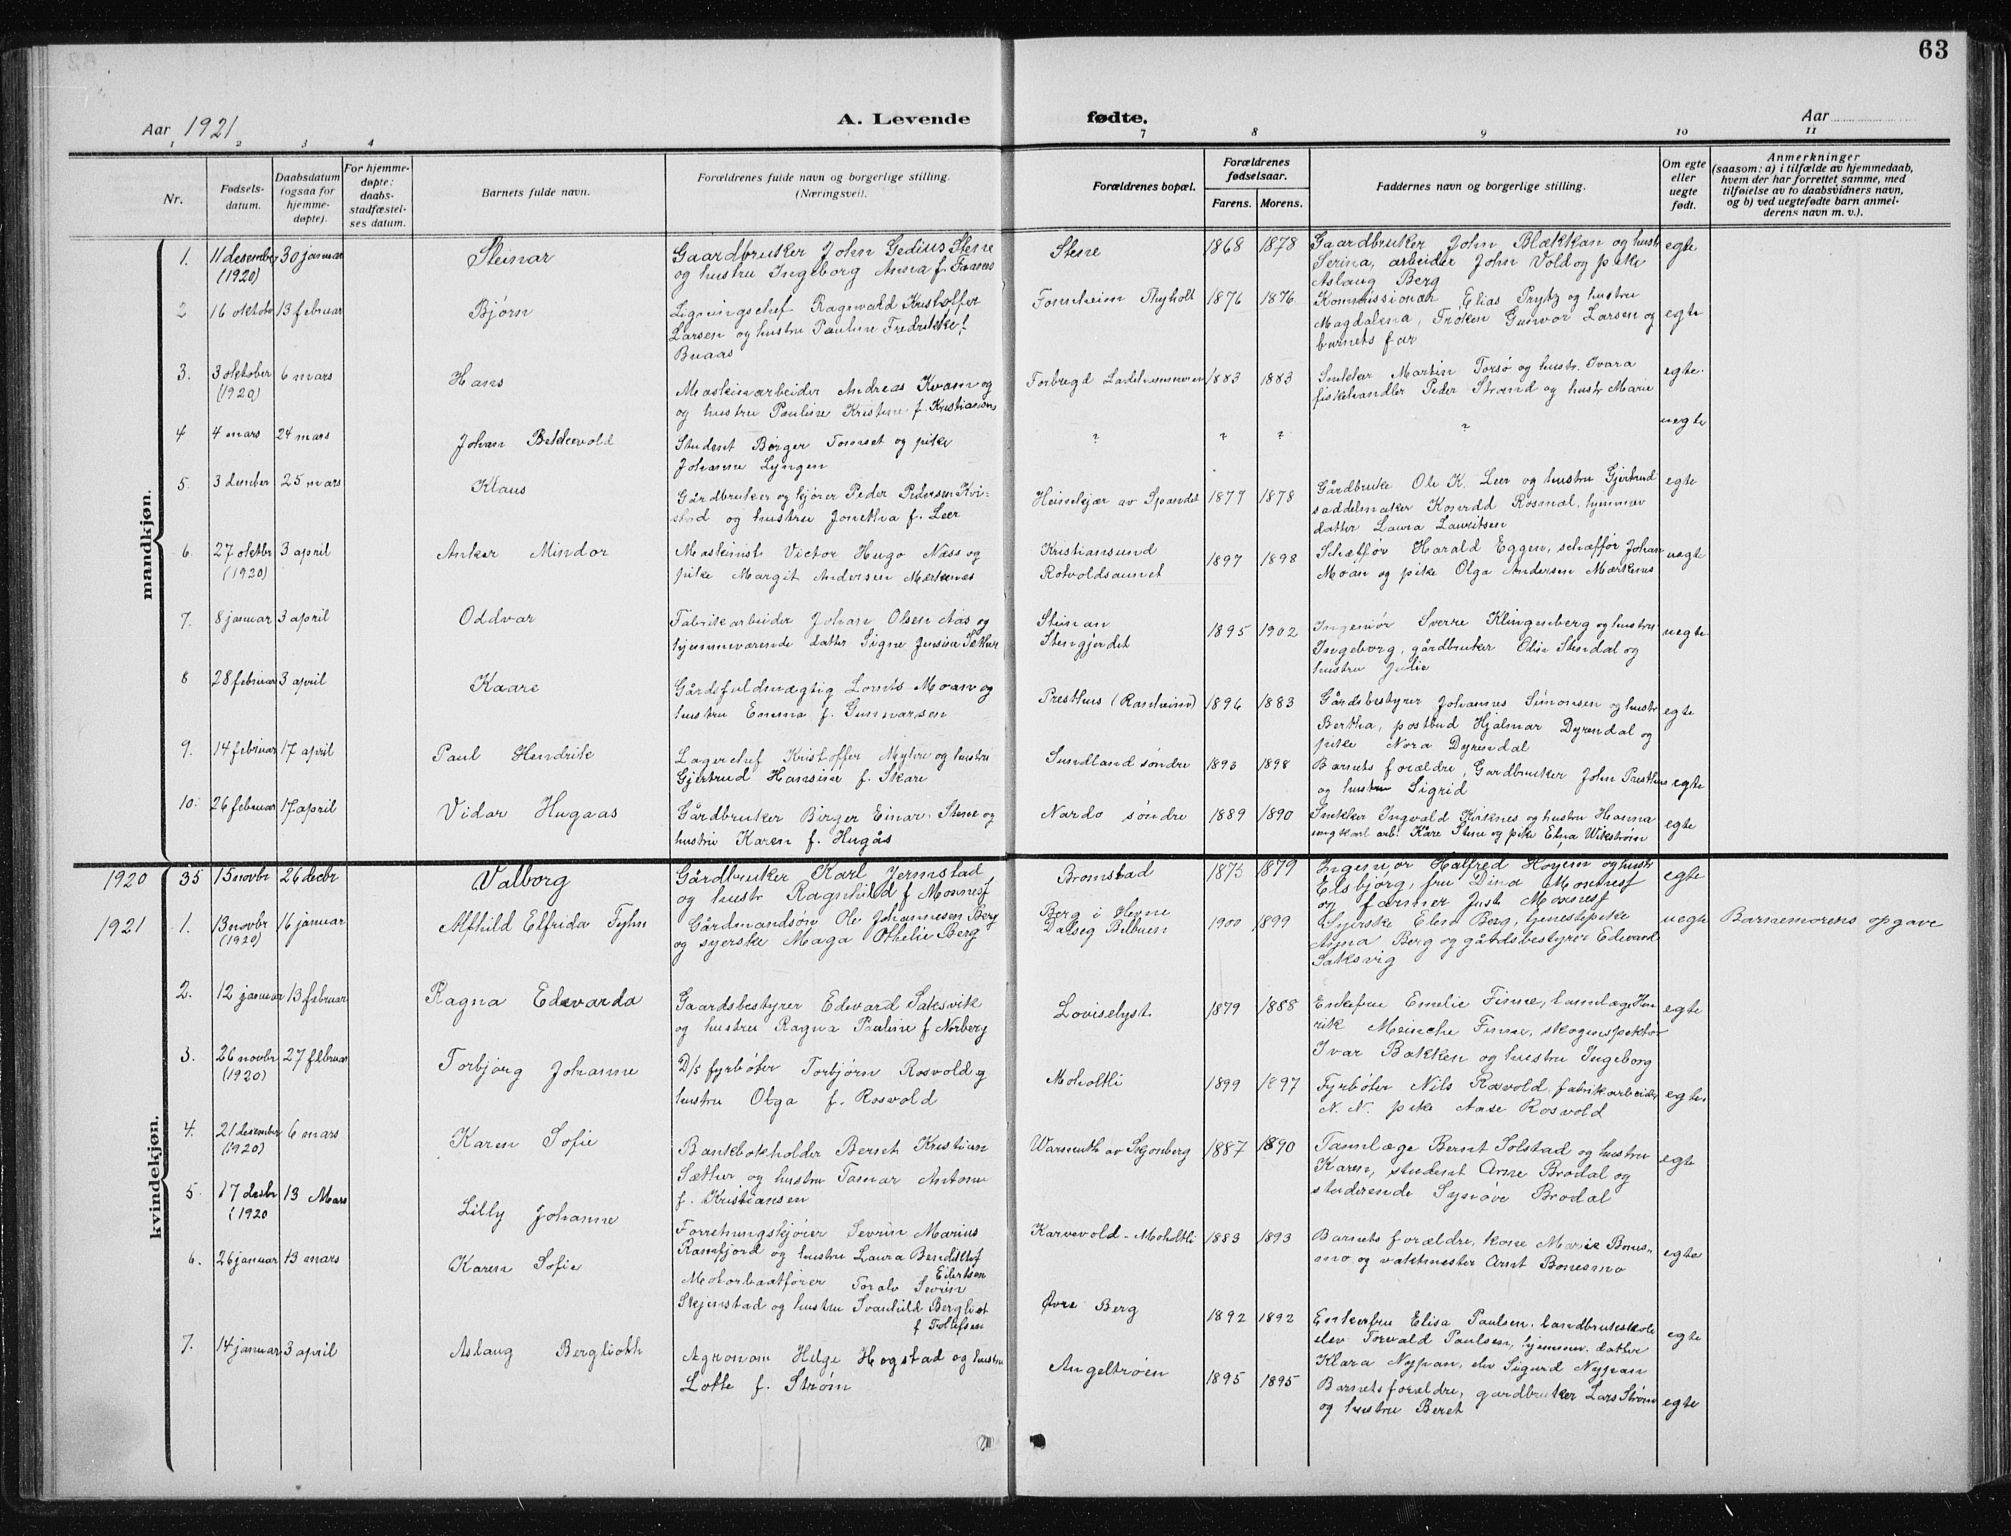 SAT, Ministerialprotokoller, klokkerbøker og fødselsregistre - Sør-Trøndelag, 606/L0314: Klokkerbok nr. 606C10, 1911-1937, s. 63